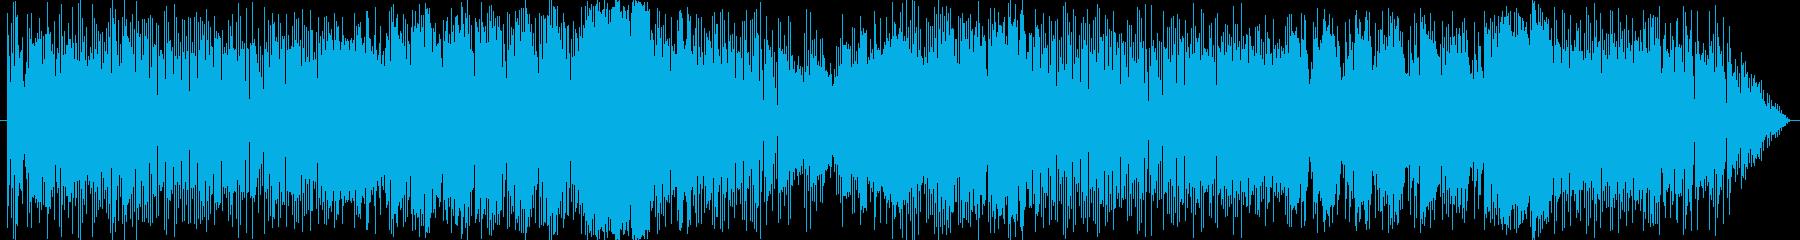 沖縄民謡てぃんさぐの花ボサノバ風の再生済みの波形